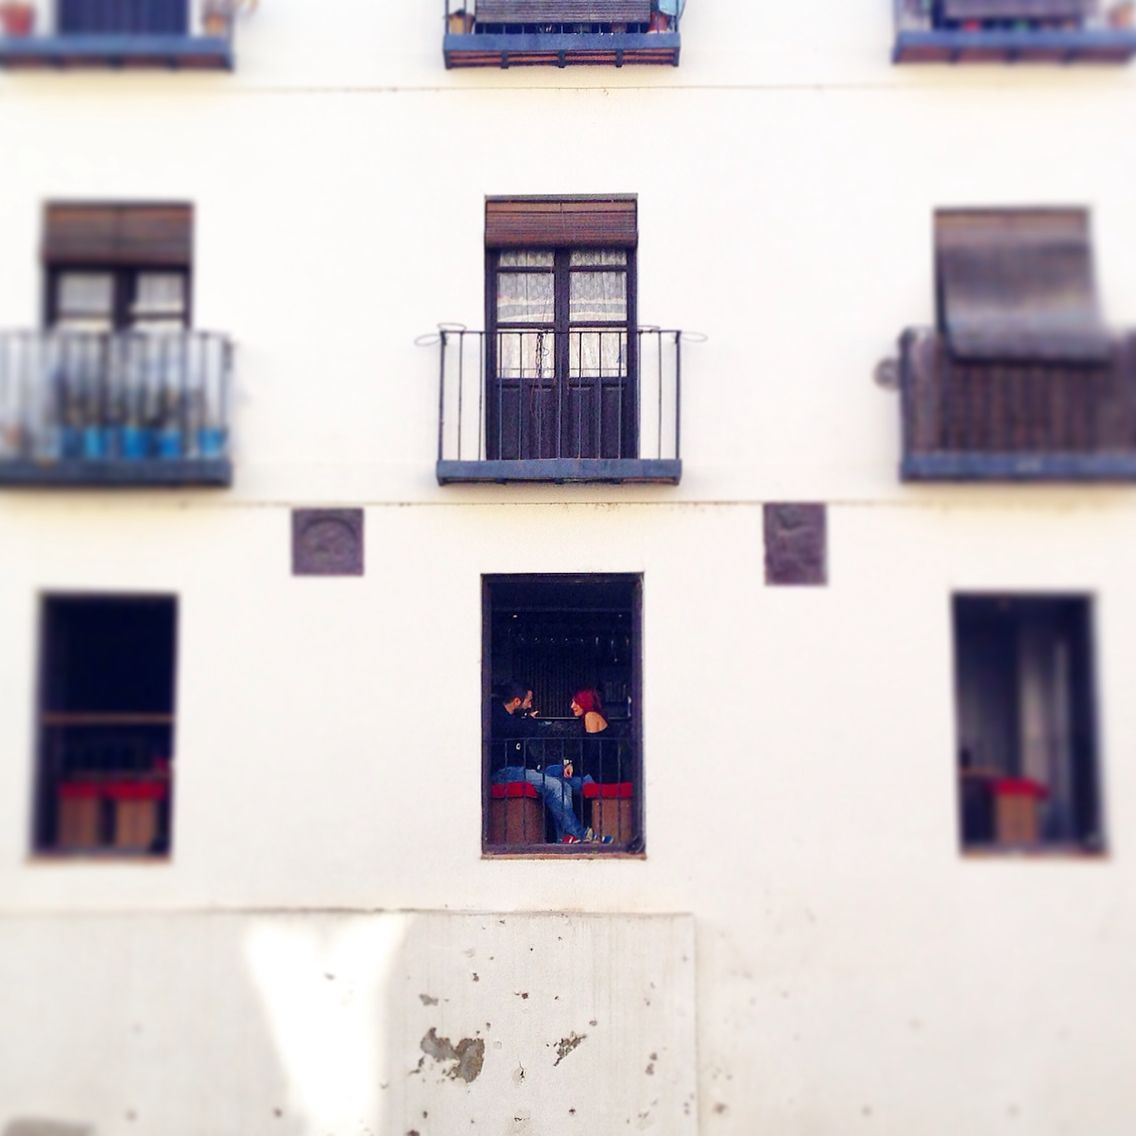 Granada. Paseo de los tristes